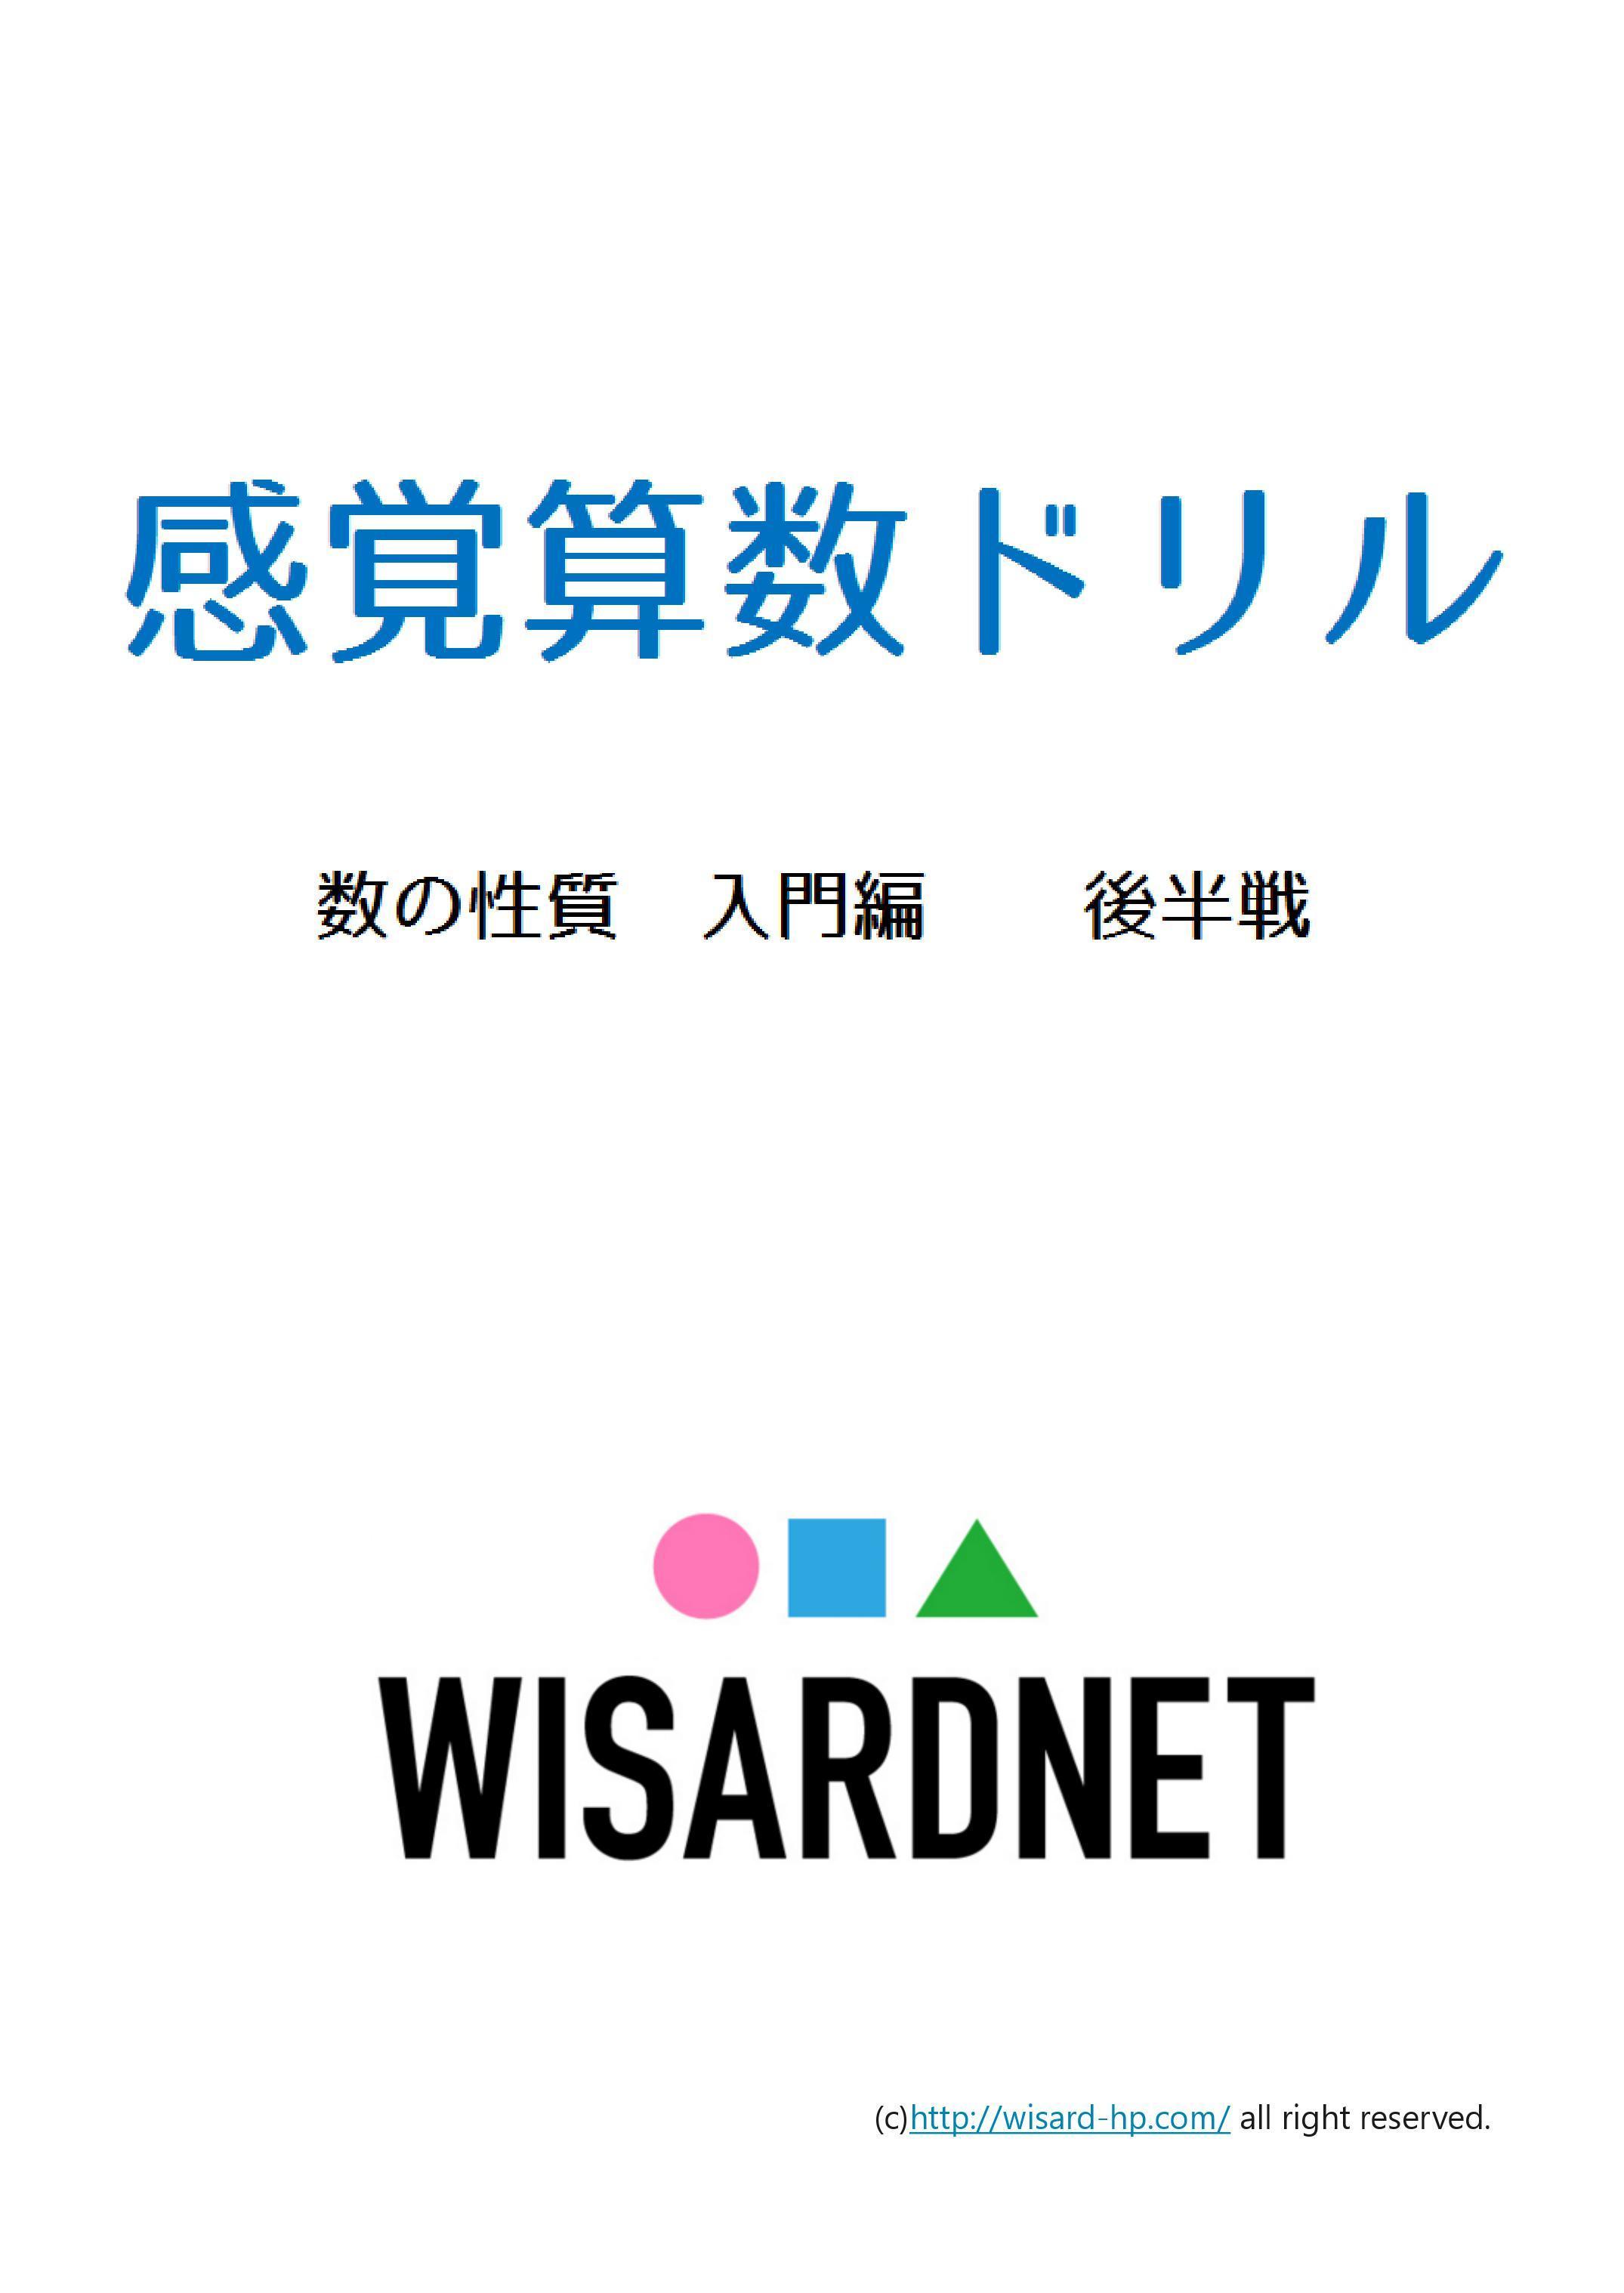 感覚算数ドリル 数の性質 入門編 後半戦 | WISARDNET|中学受験算数を ...